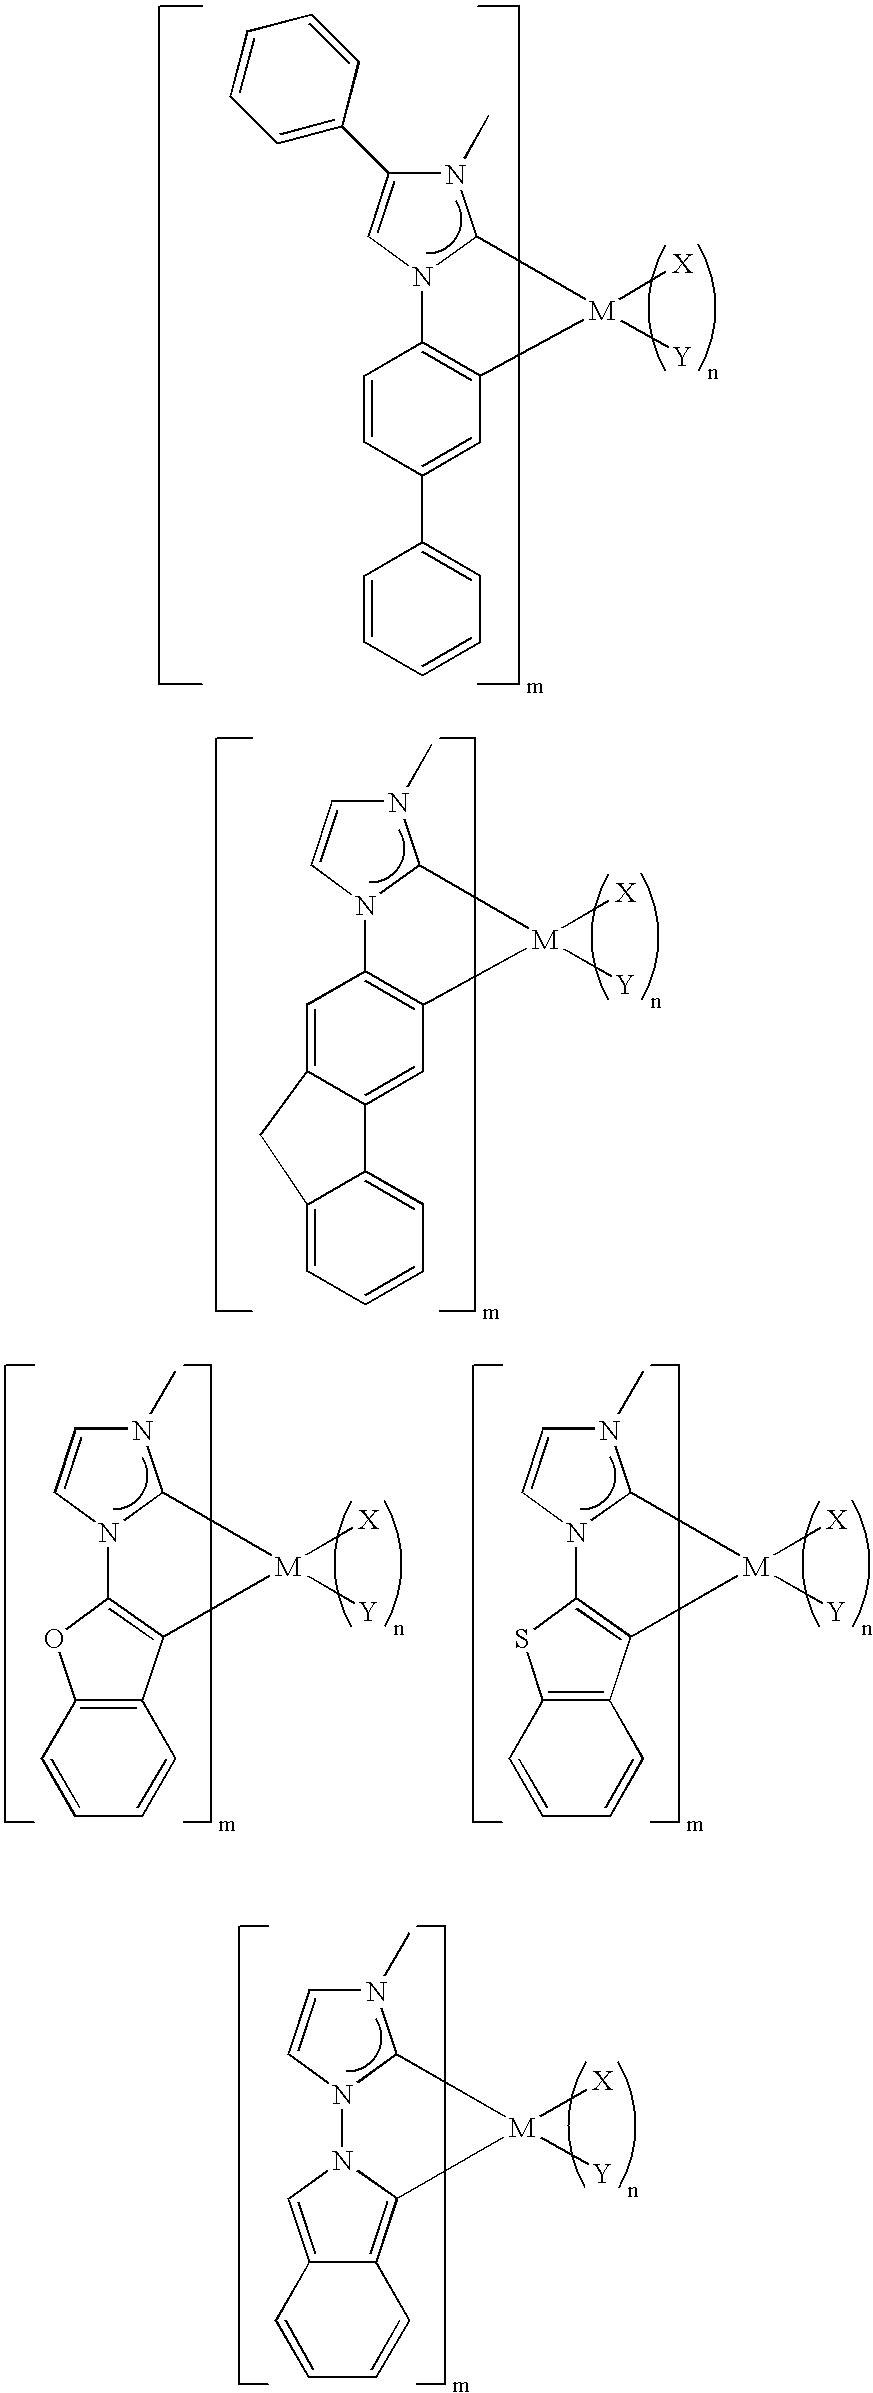 Figure US20050260441A1-20051124-C00060